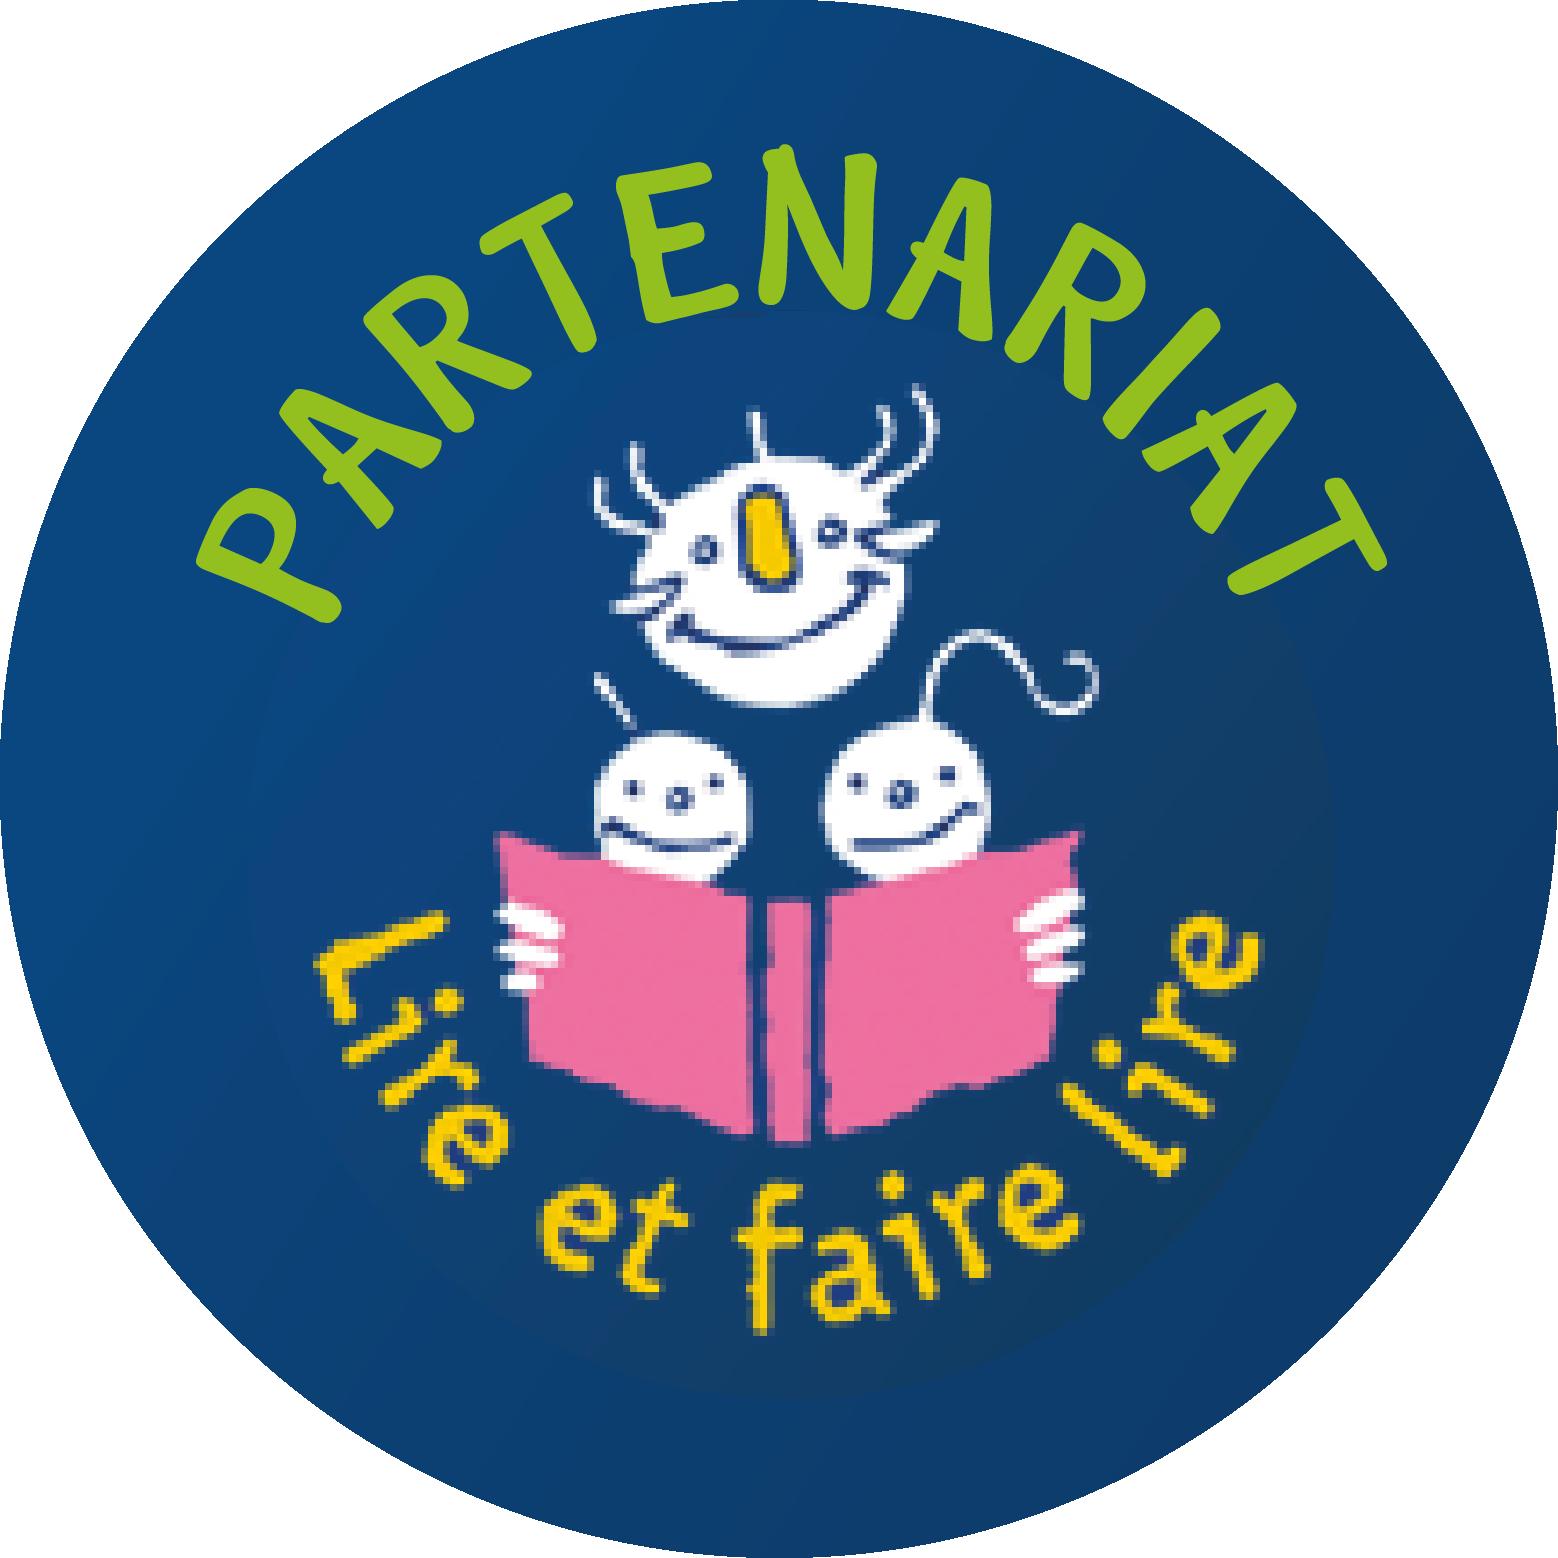 Le Festival du Livre - Partenariat Lire et Faire Lire